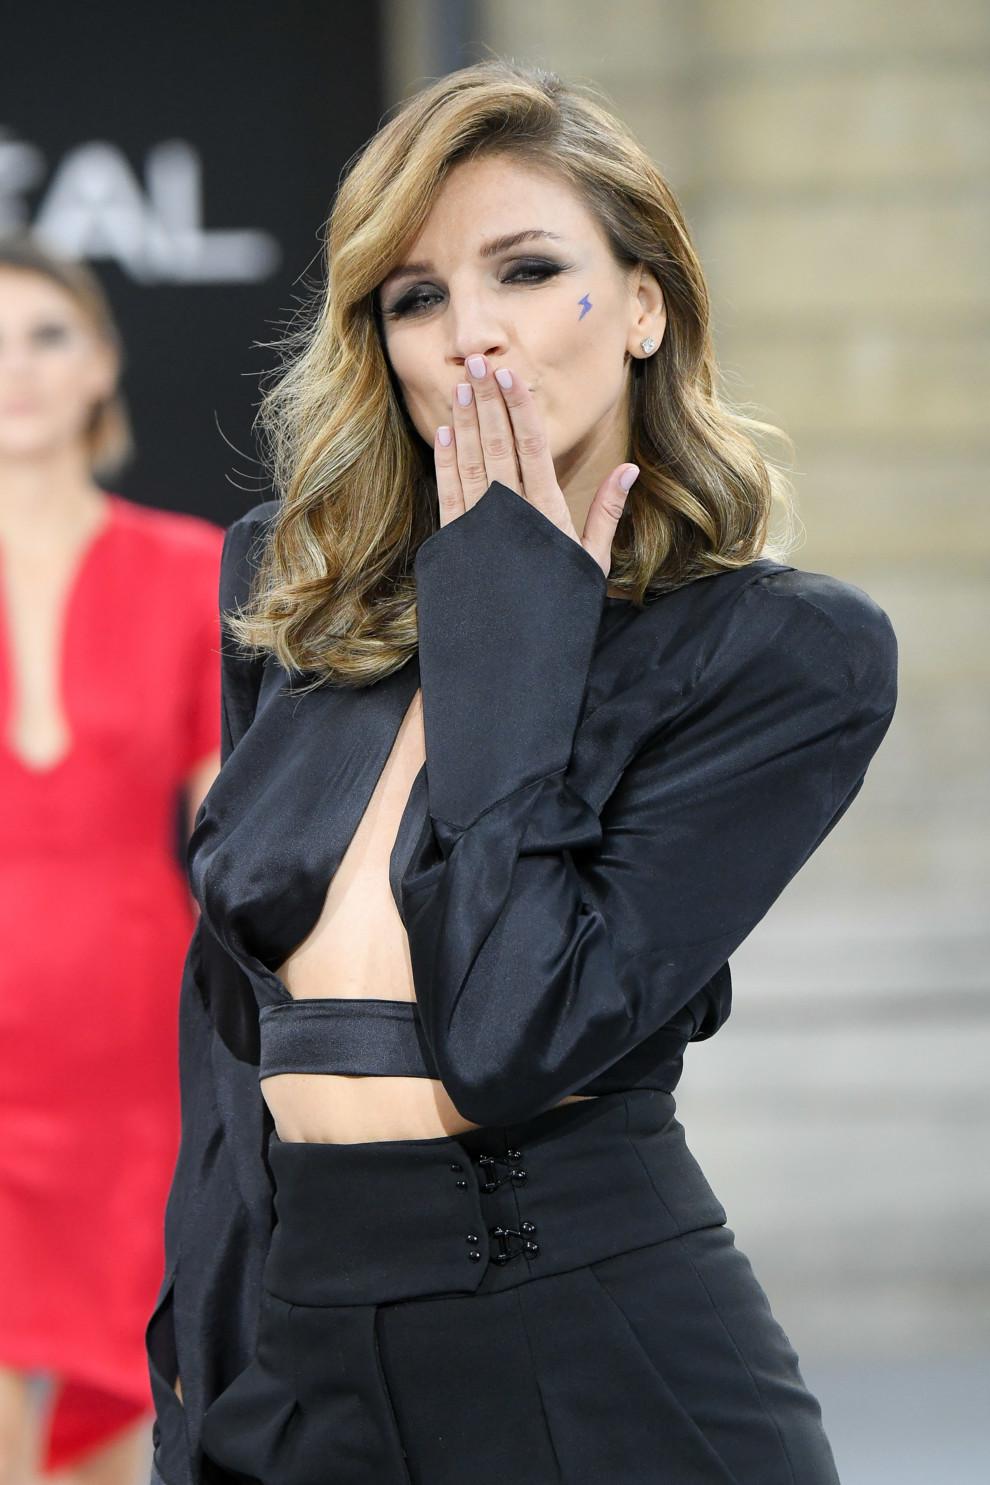 Дизайнер Катя Сильченко выступила моделью на показе L'Oreal в Париже (фото 2)